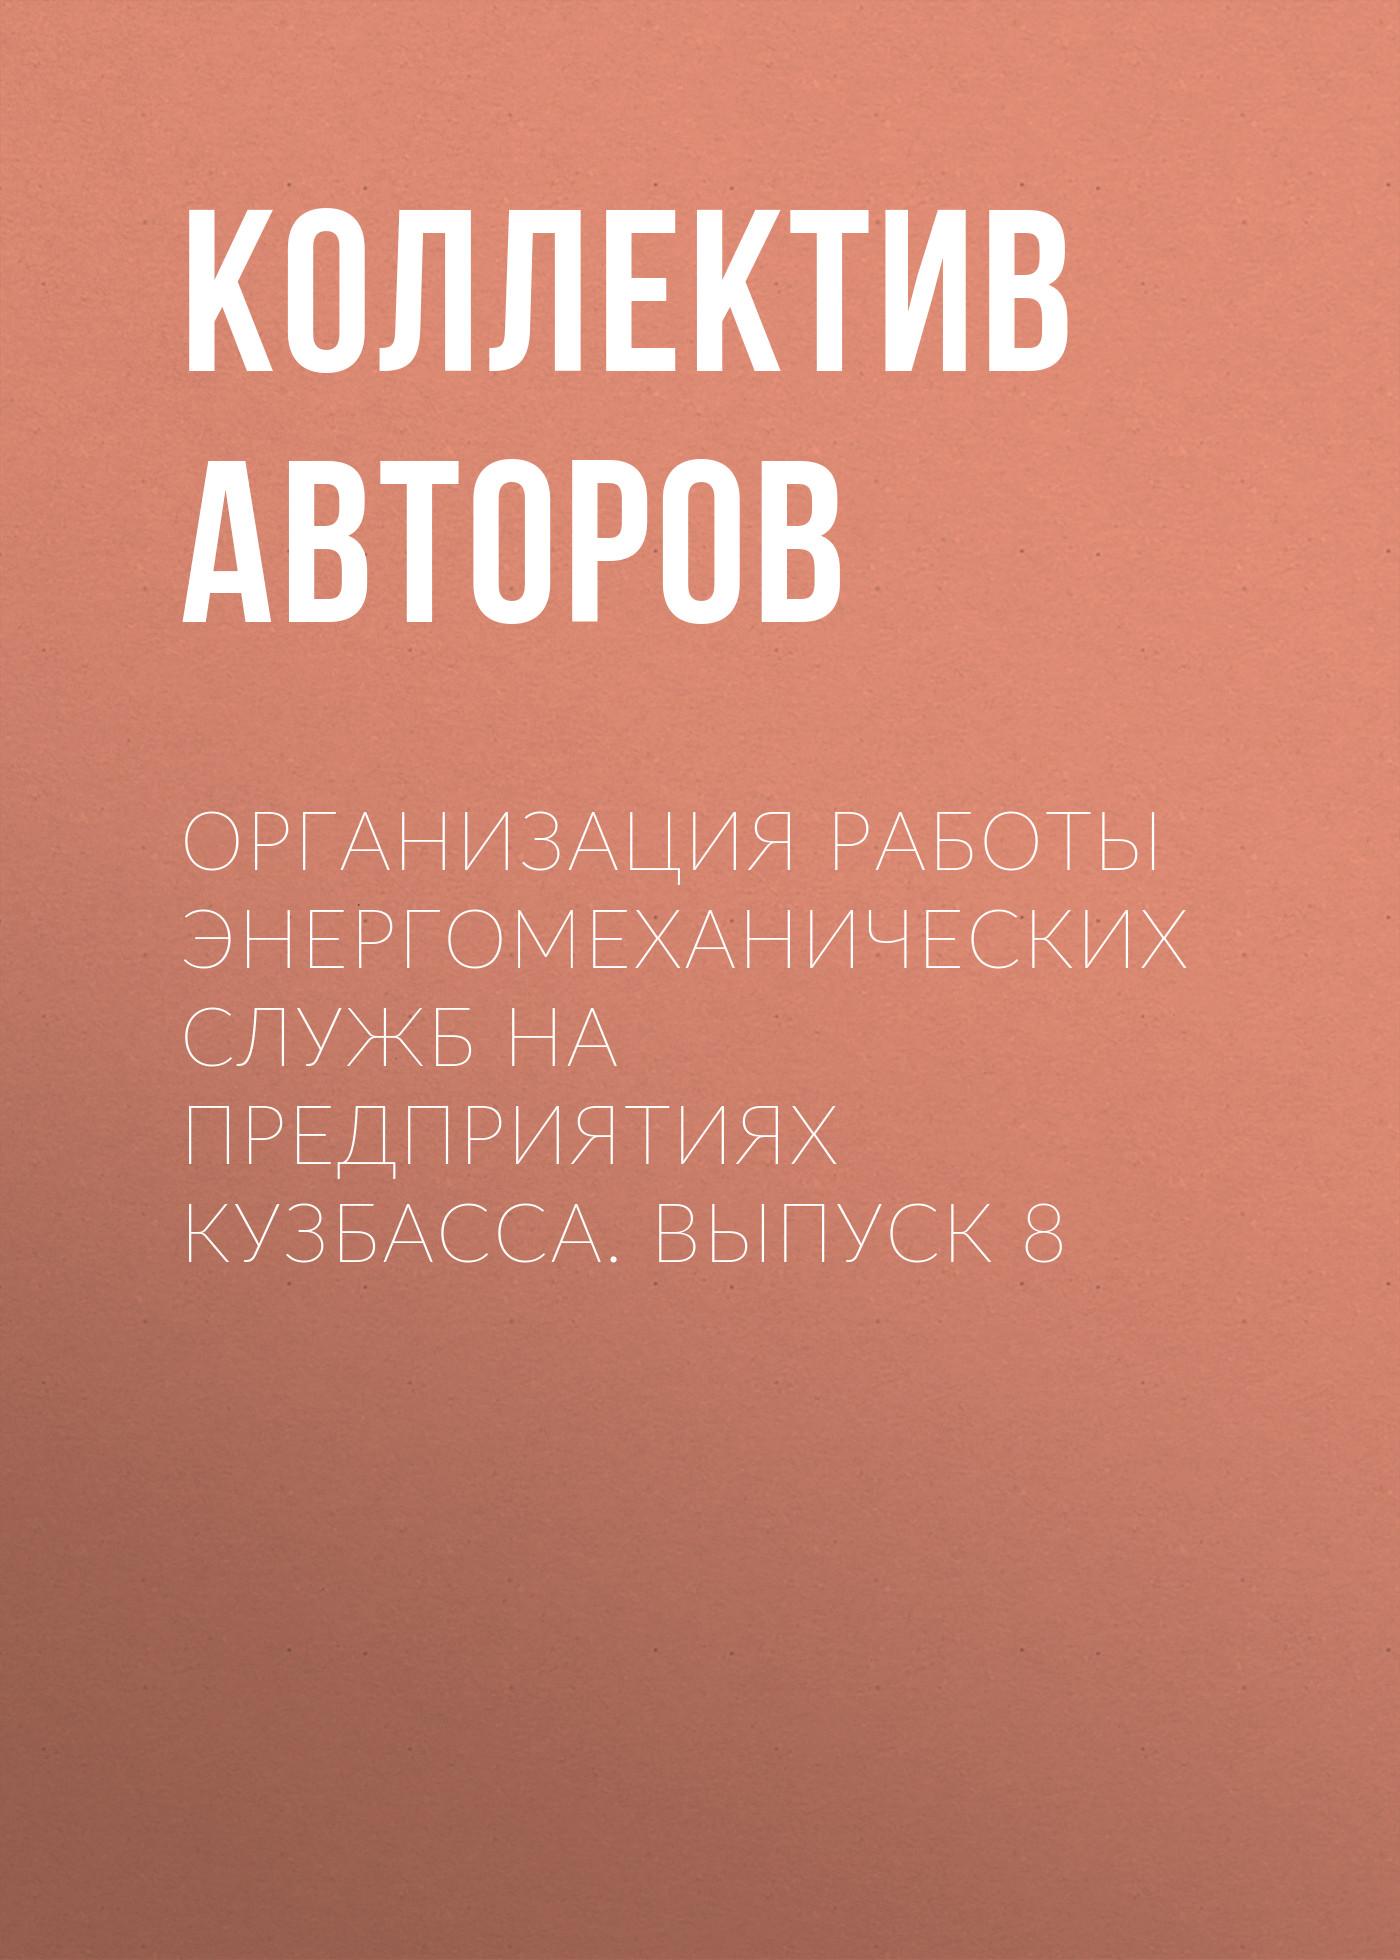 Коллектив авторов Организация работы энергомеханических служб на предприятиях Кузбасса. Выпуск 8